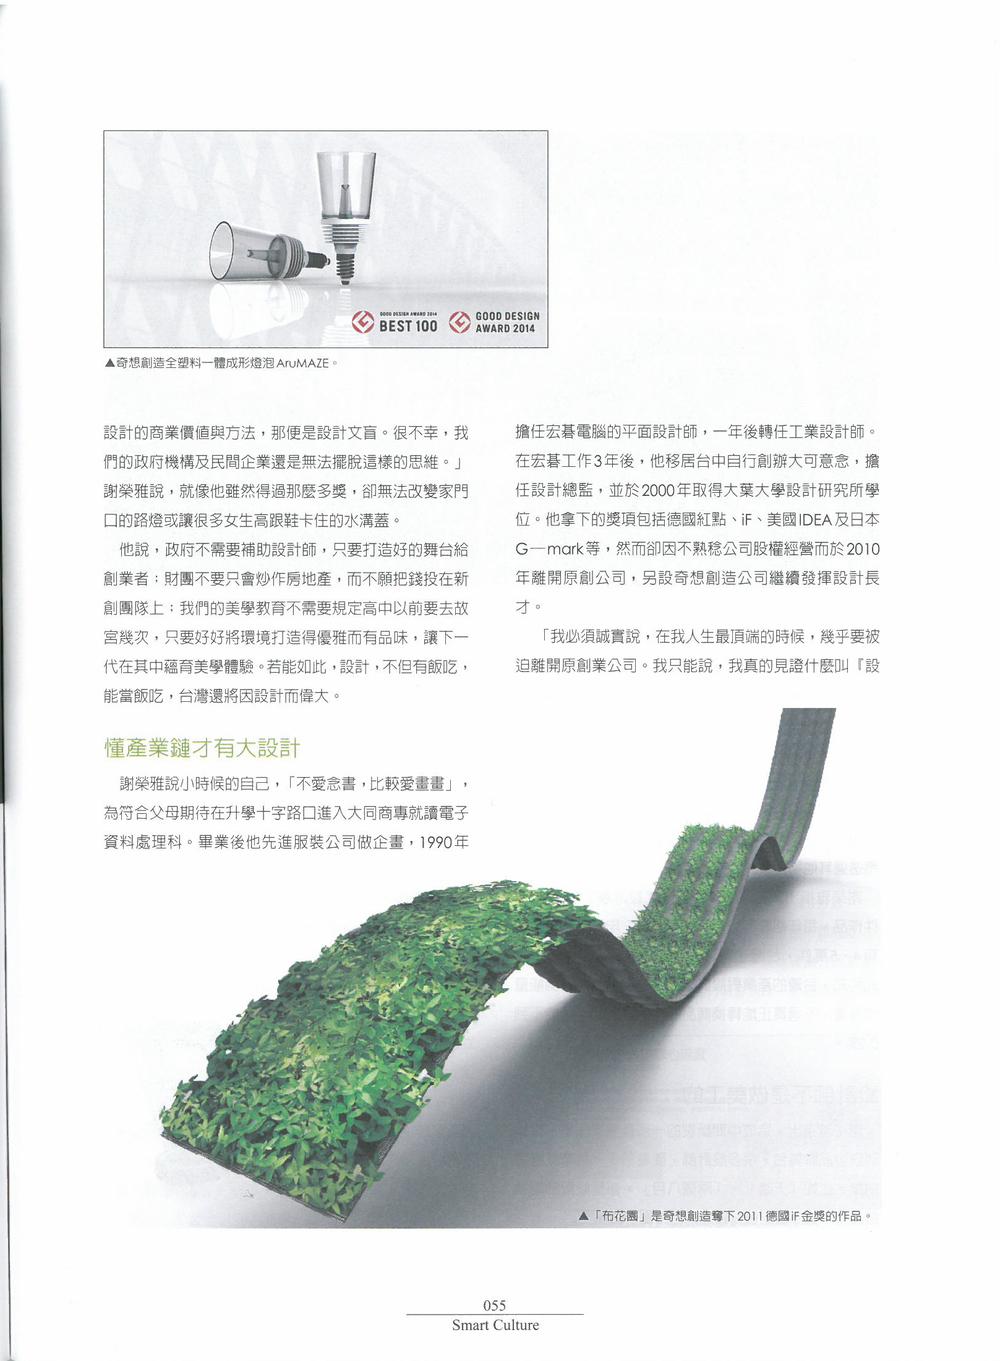 謝榮雅大戰略 設計改變台灣_兩岸文創誌SmartCulture_2015年1月號-3.jpg